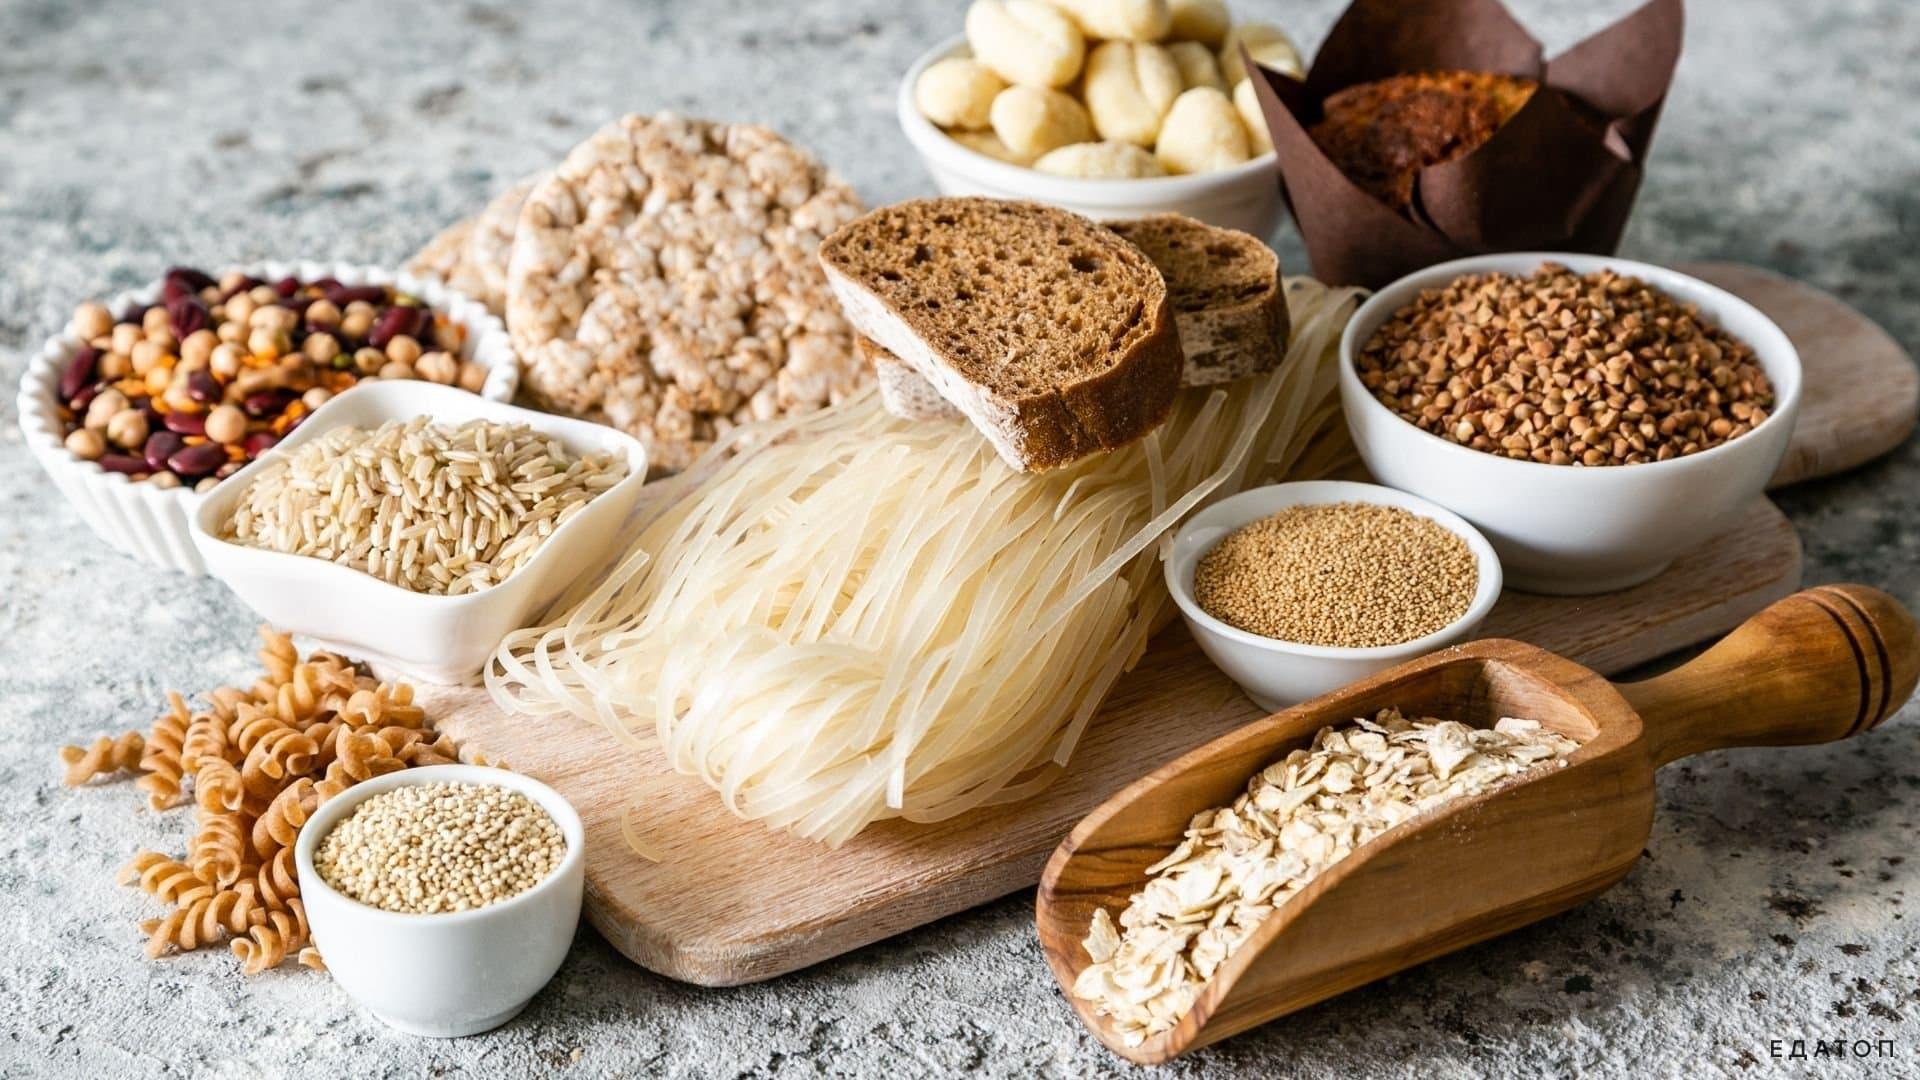 Глютен - сложный белок, который входит в состав зерна многих злаковых культур.